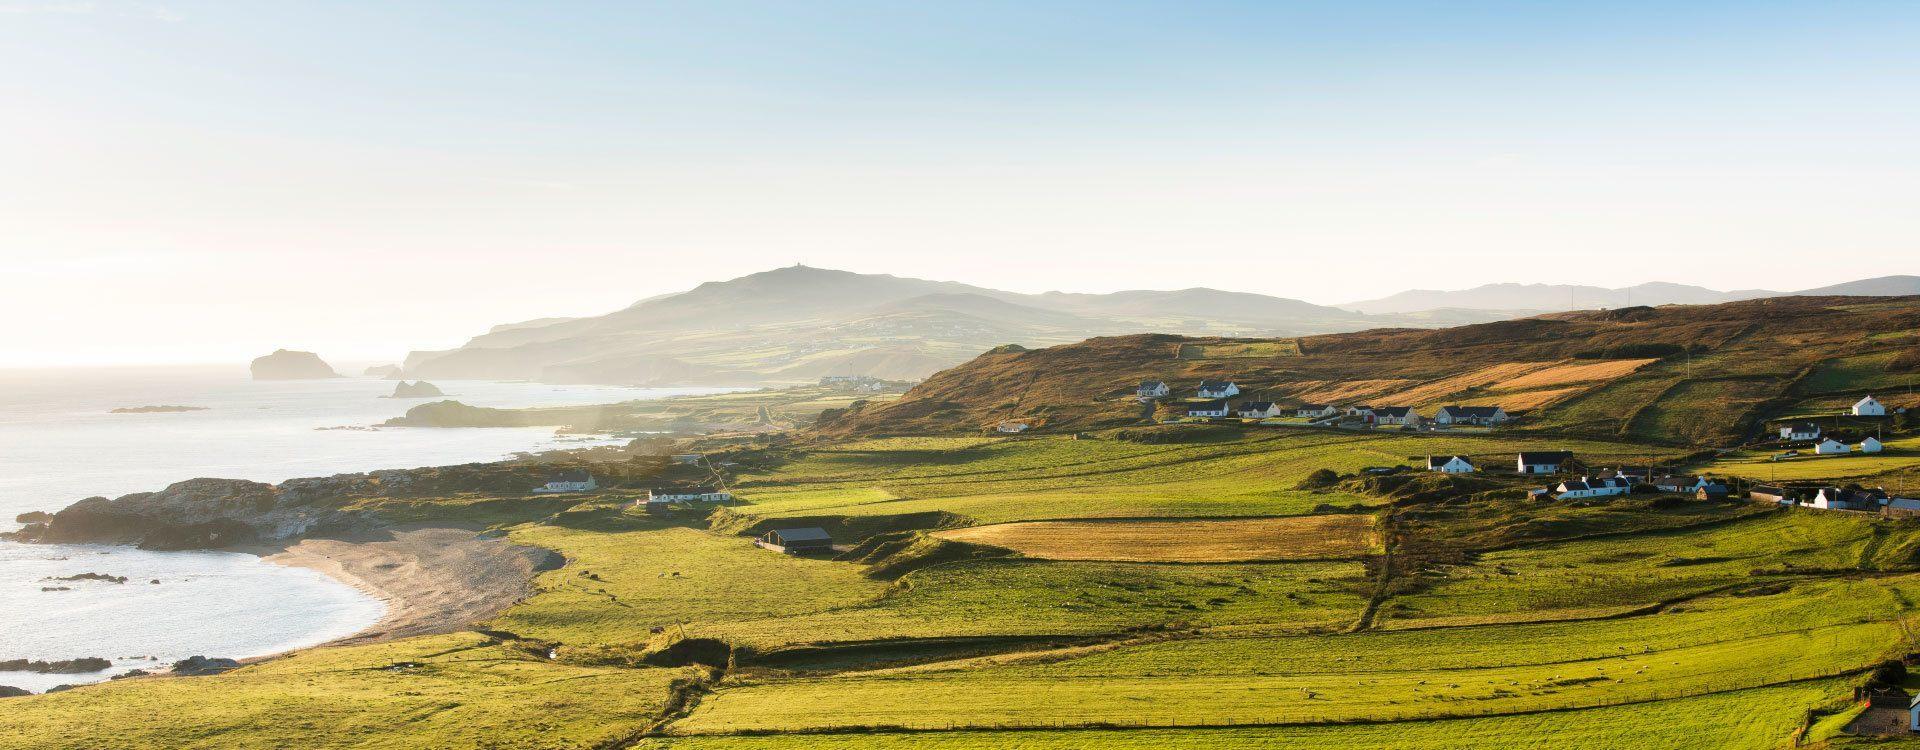 Excursión de 6 días al sur de Irlanda desde Dublín